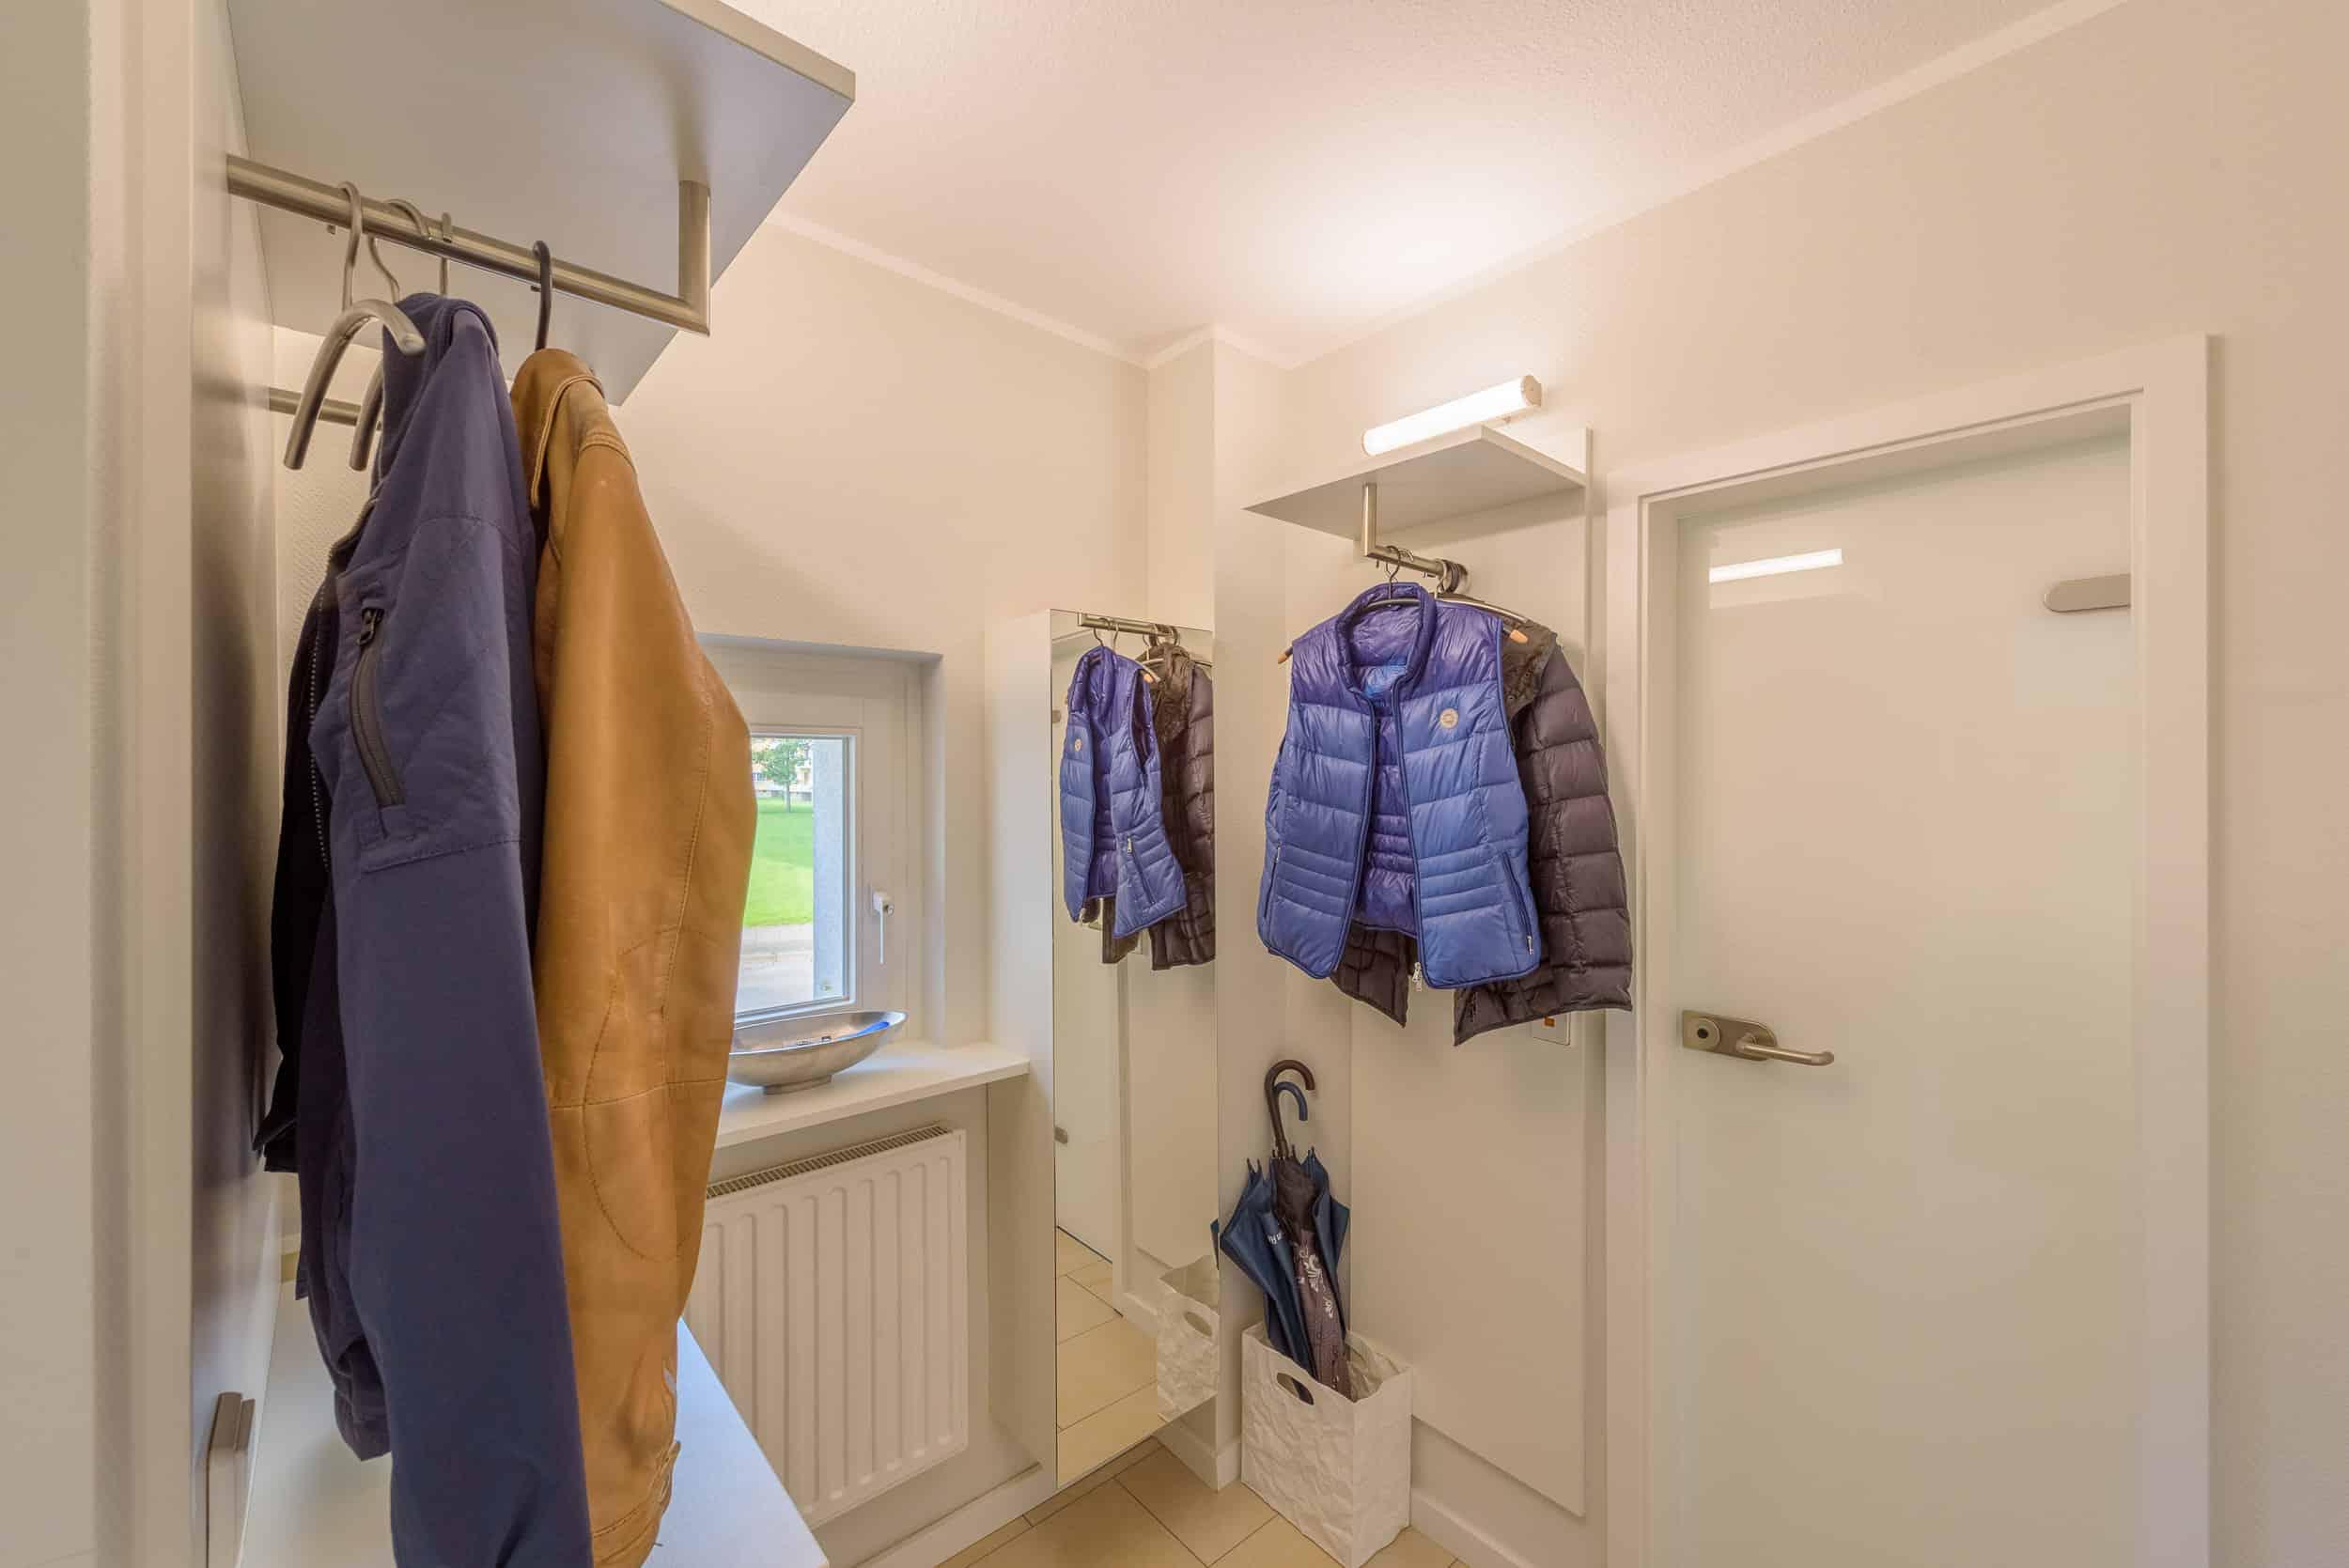 Maßgefertigte Garderobe - Einbaugarderobe